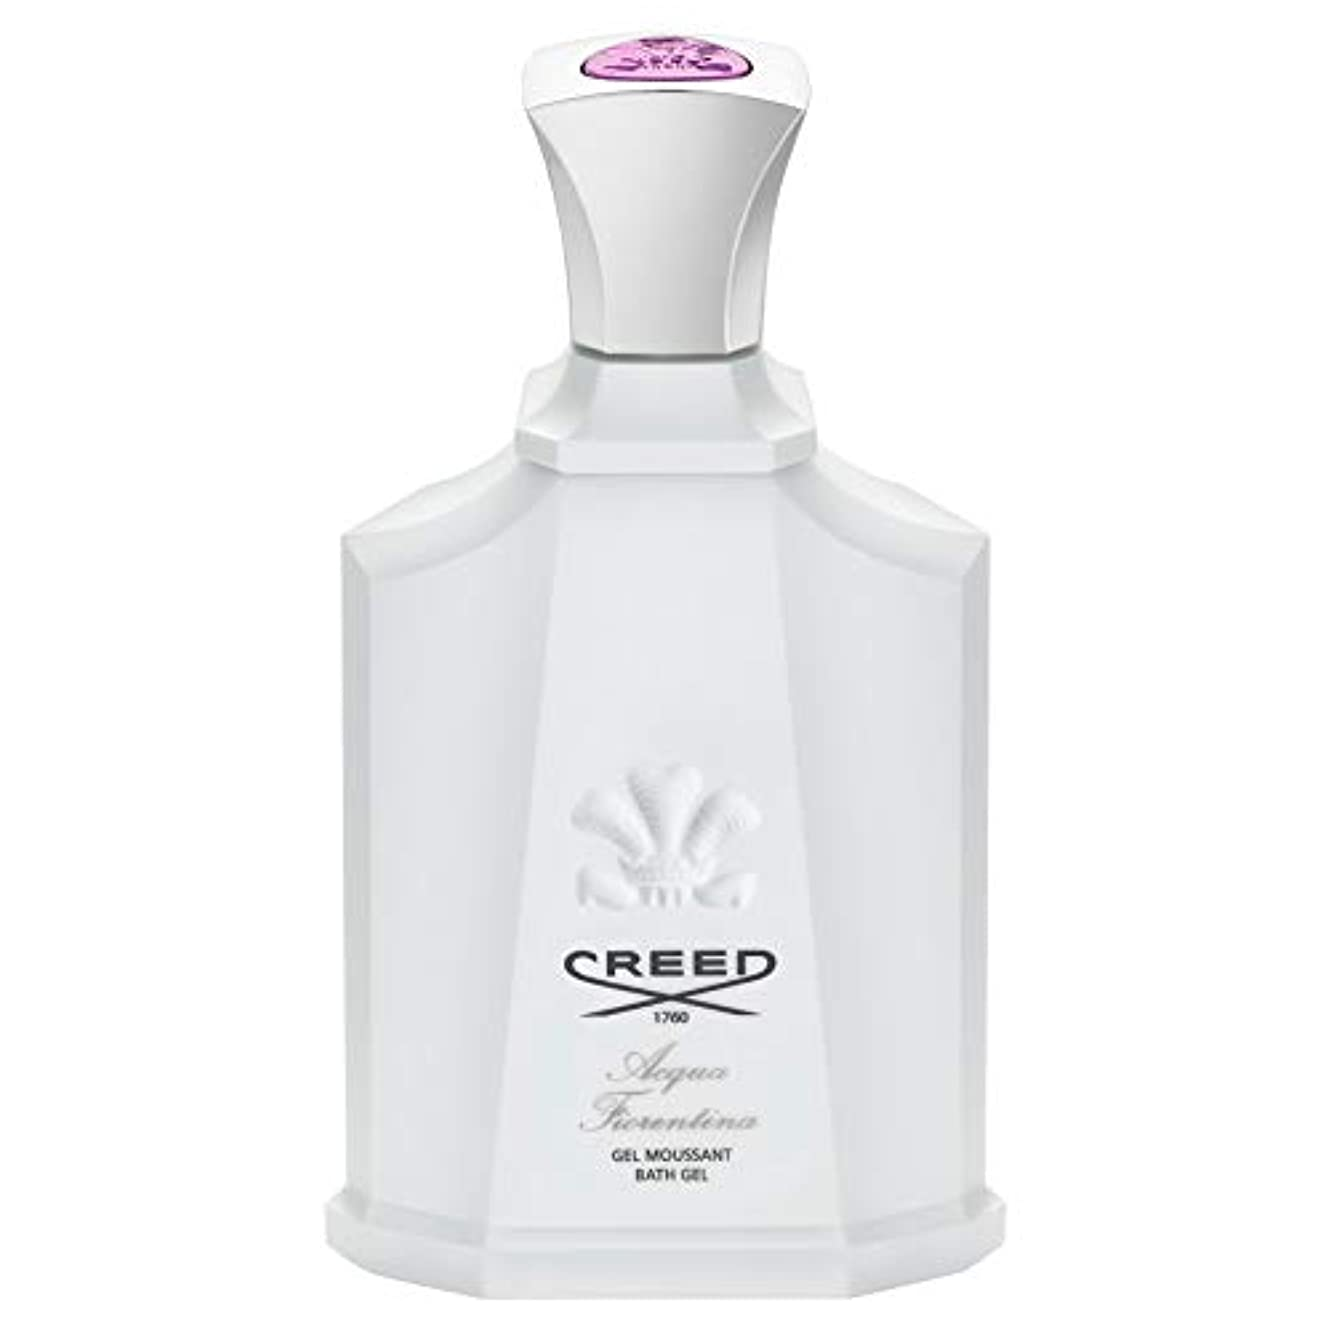 推進力アルバニーヘルパー[CREED] 信条アクアフィオレンティーナシャワージェル200Ml - Creed Acqua Fiorentina Shower Gel 200ml [並行輸入品]